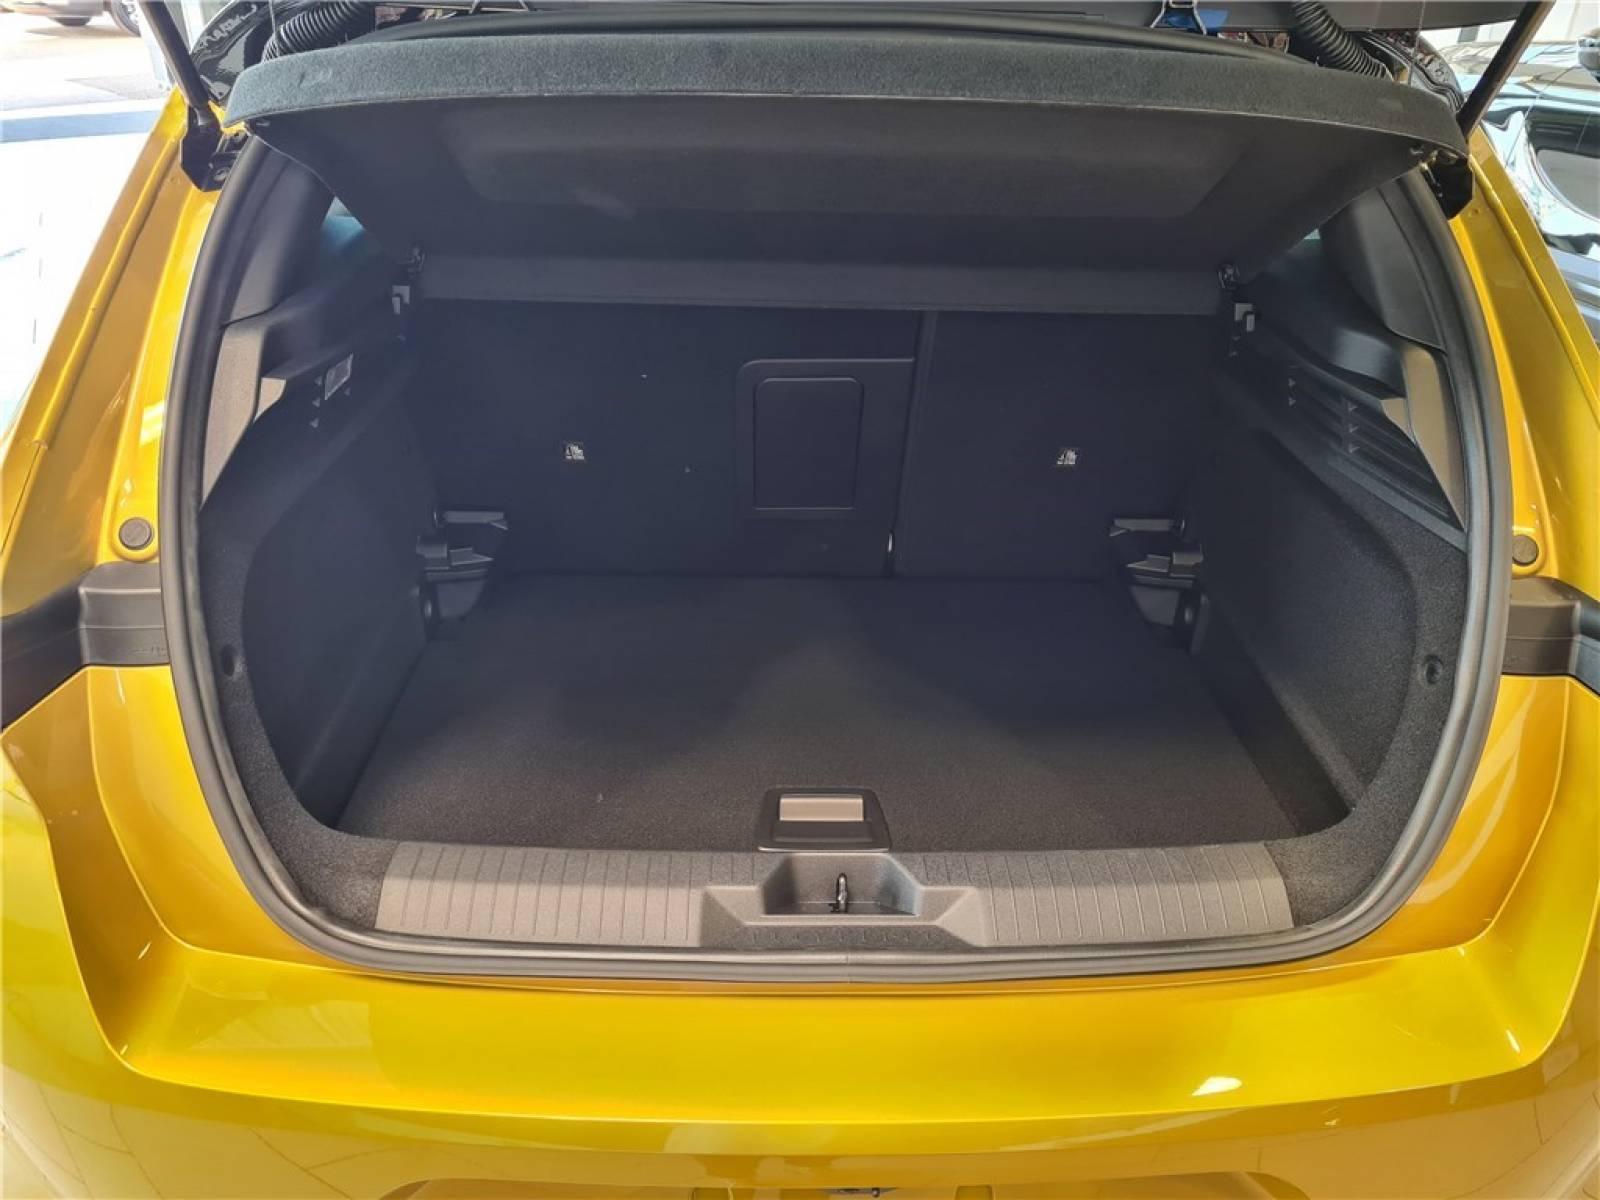 HYUNDAI Kona Electrique 39 kWh - 136 ch - véhicule d'occasion - Groupe Guillet - Chalon Automobiles - 71100 - Chalon-sur-Saône - 13